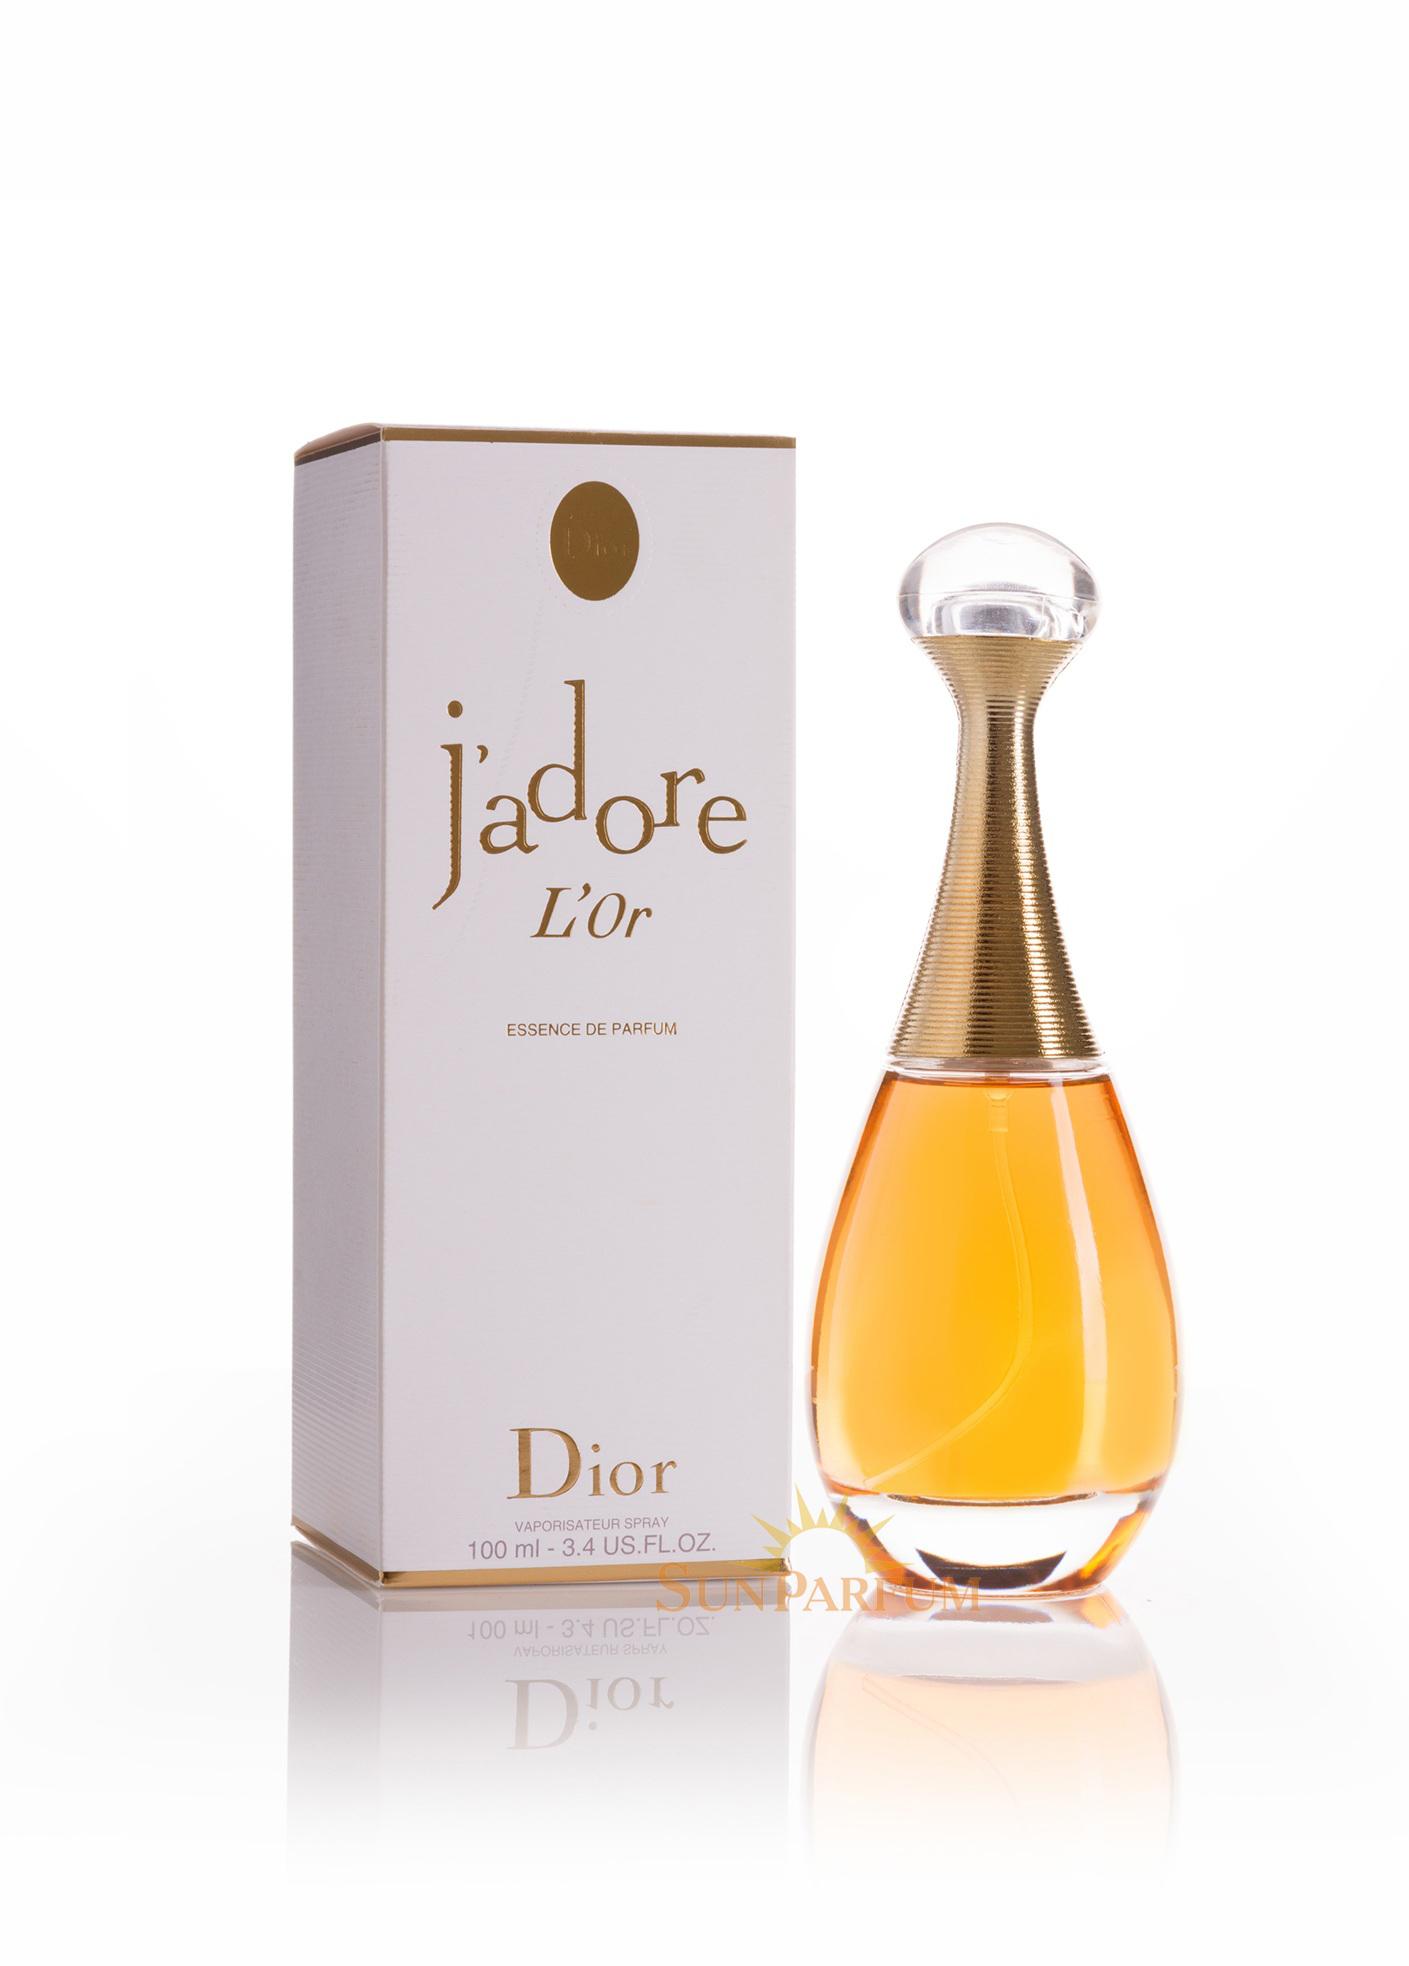 купить духи Christian Dior Jadore Lor Essence De Parfum 100 мл в